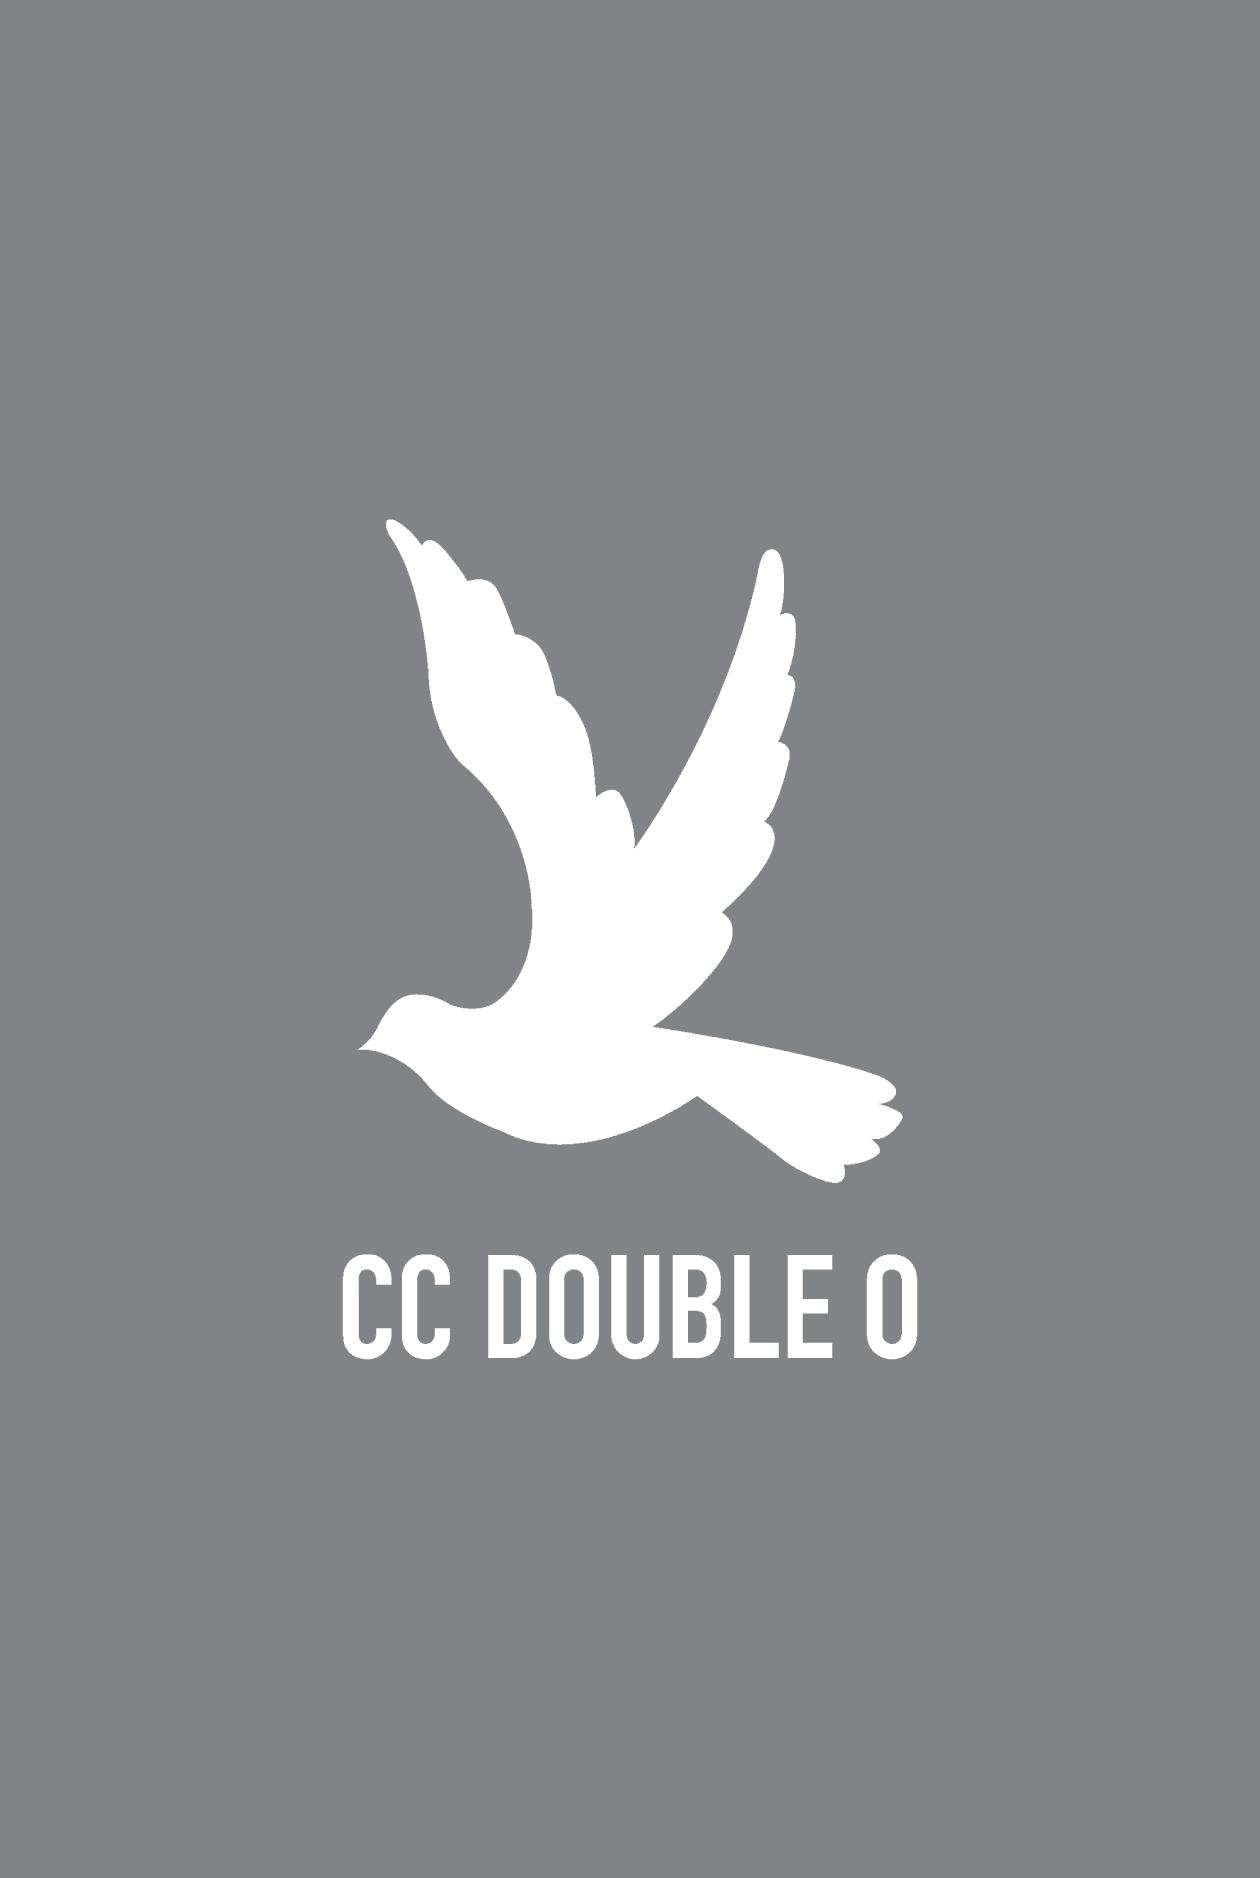 Bird Logo Hoodie Jacket with Printed Detail